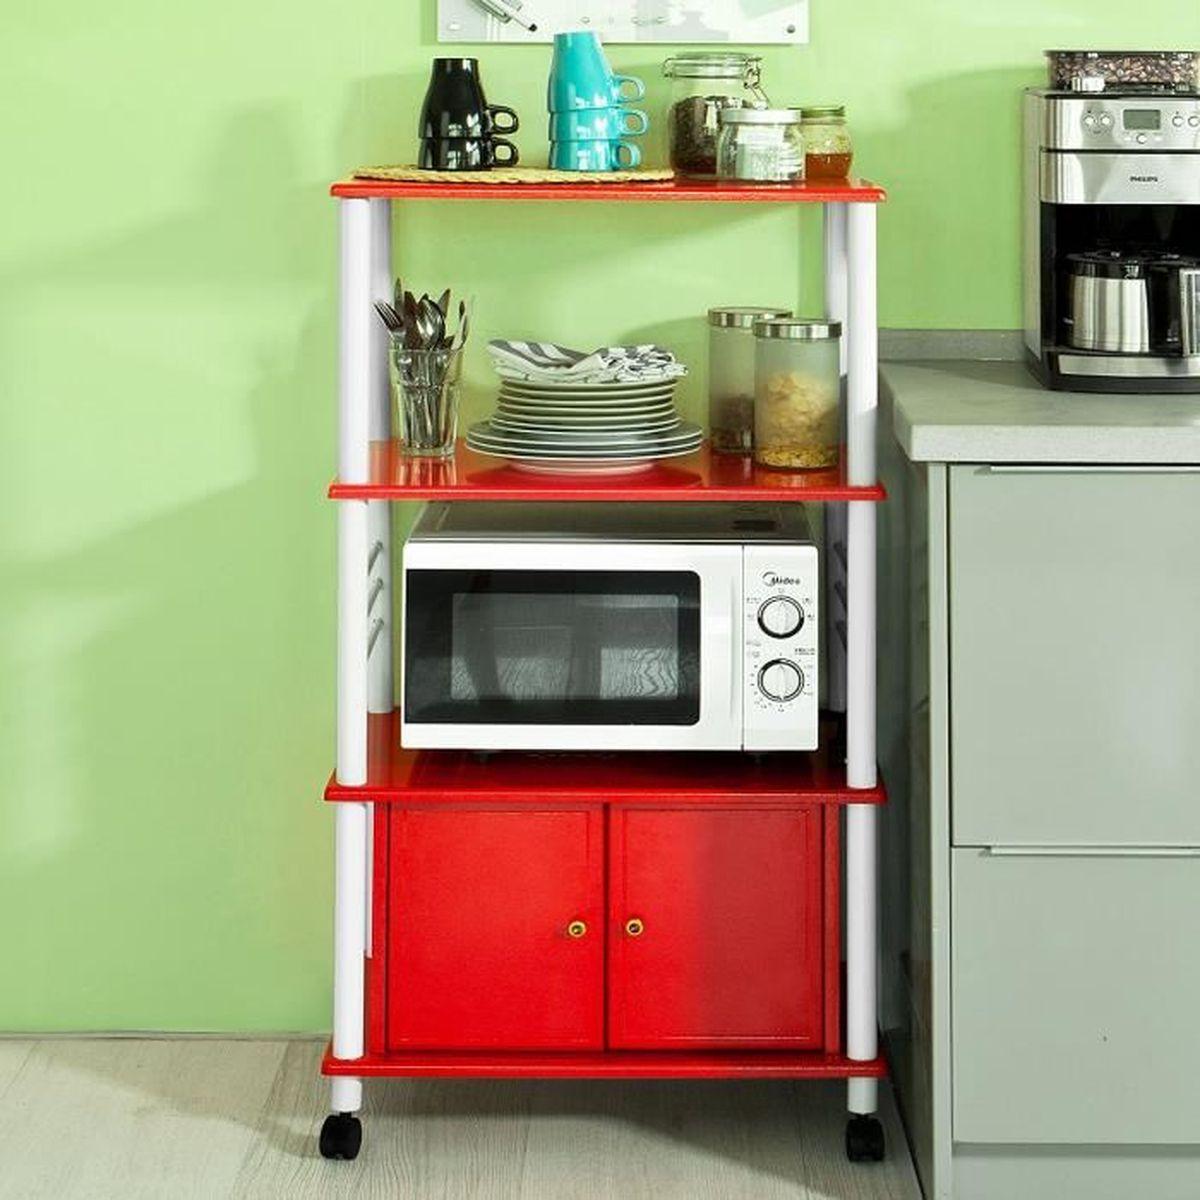 meuble rangement cuisine roulant en bois chariot de cuisine de service micro ondes achat. Black Bedroom Furniture Sets. Home Design Ideas